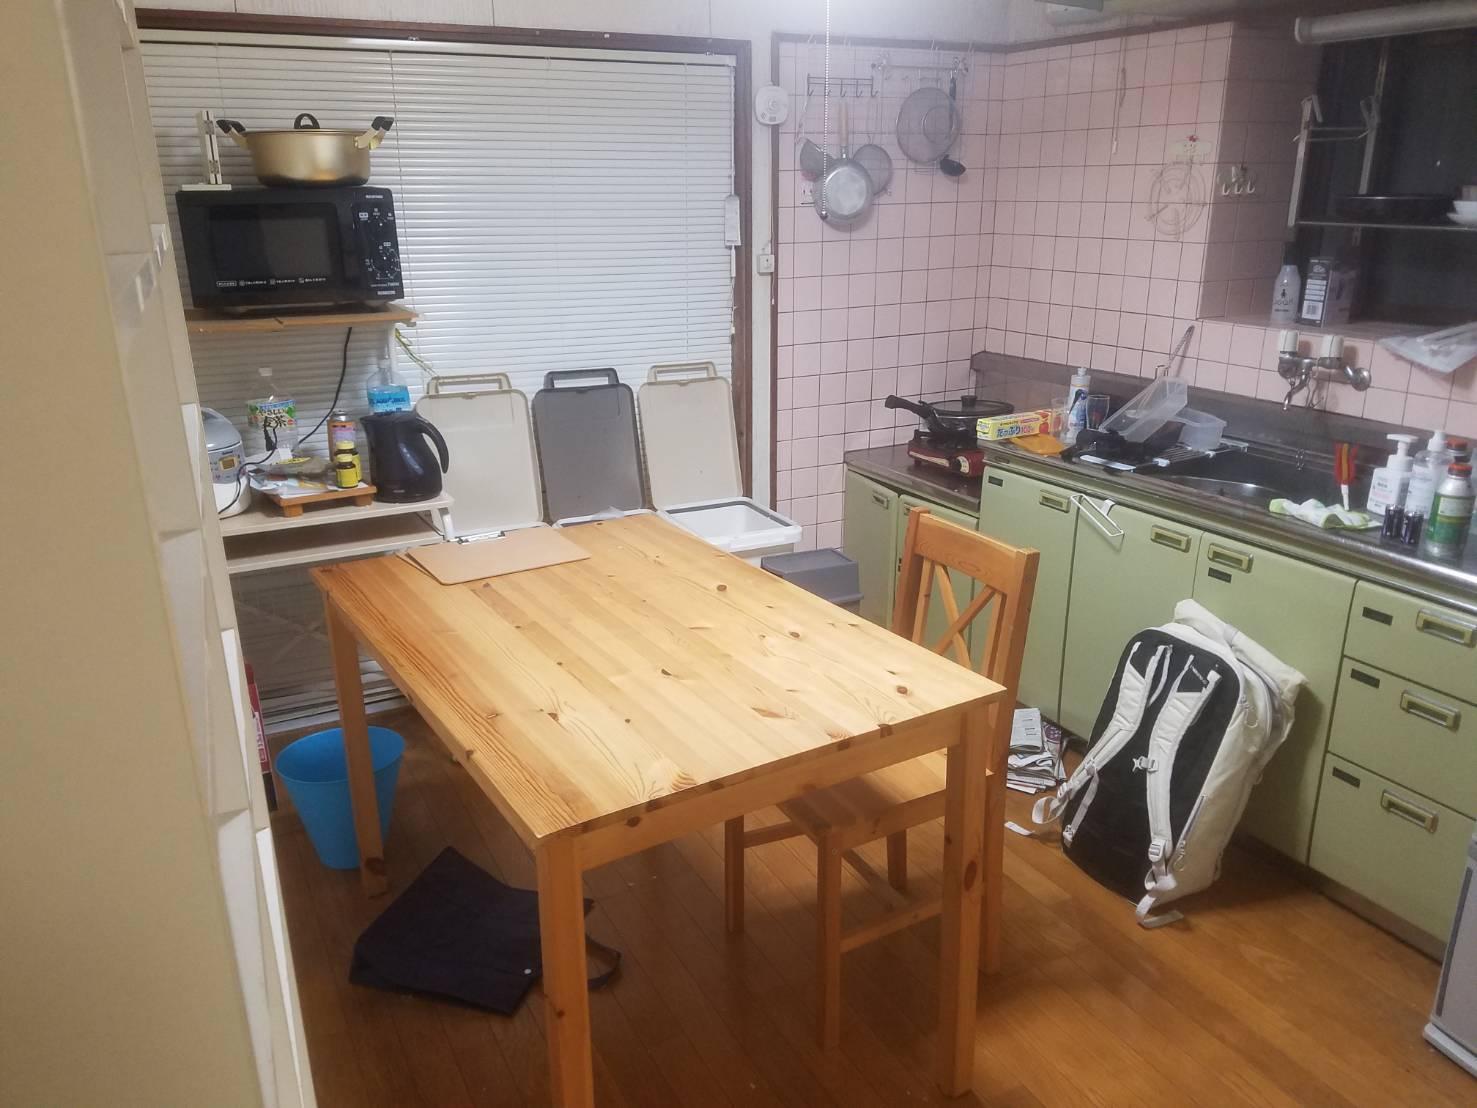 ゴミ箱、ダイニングテーブル 、椅子の回収前